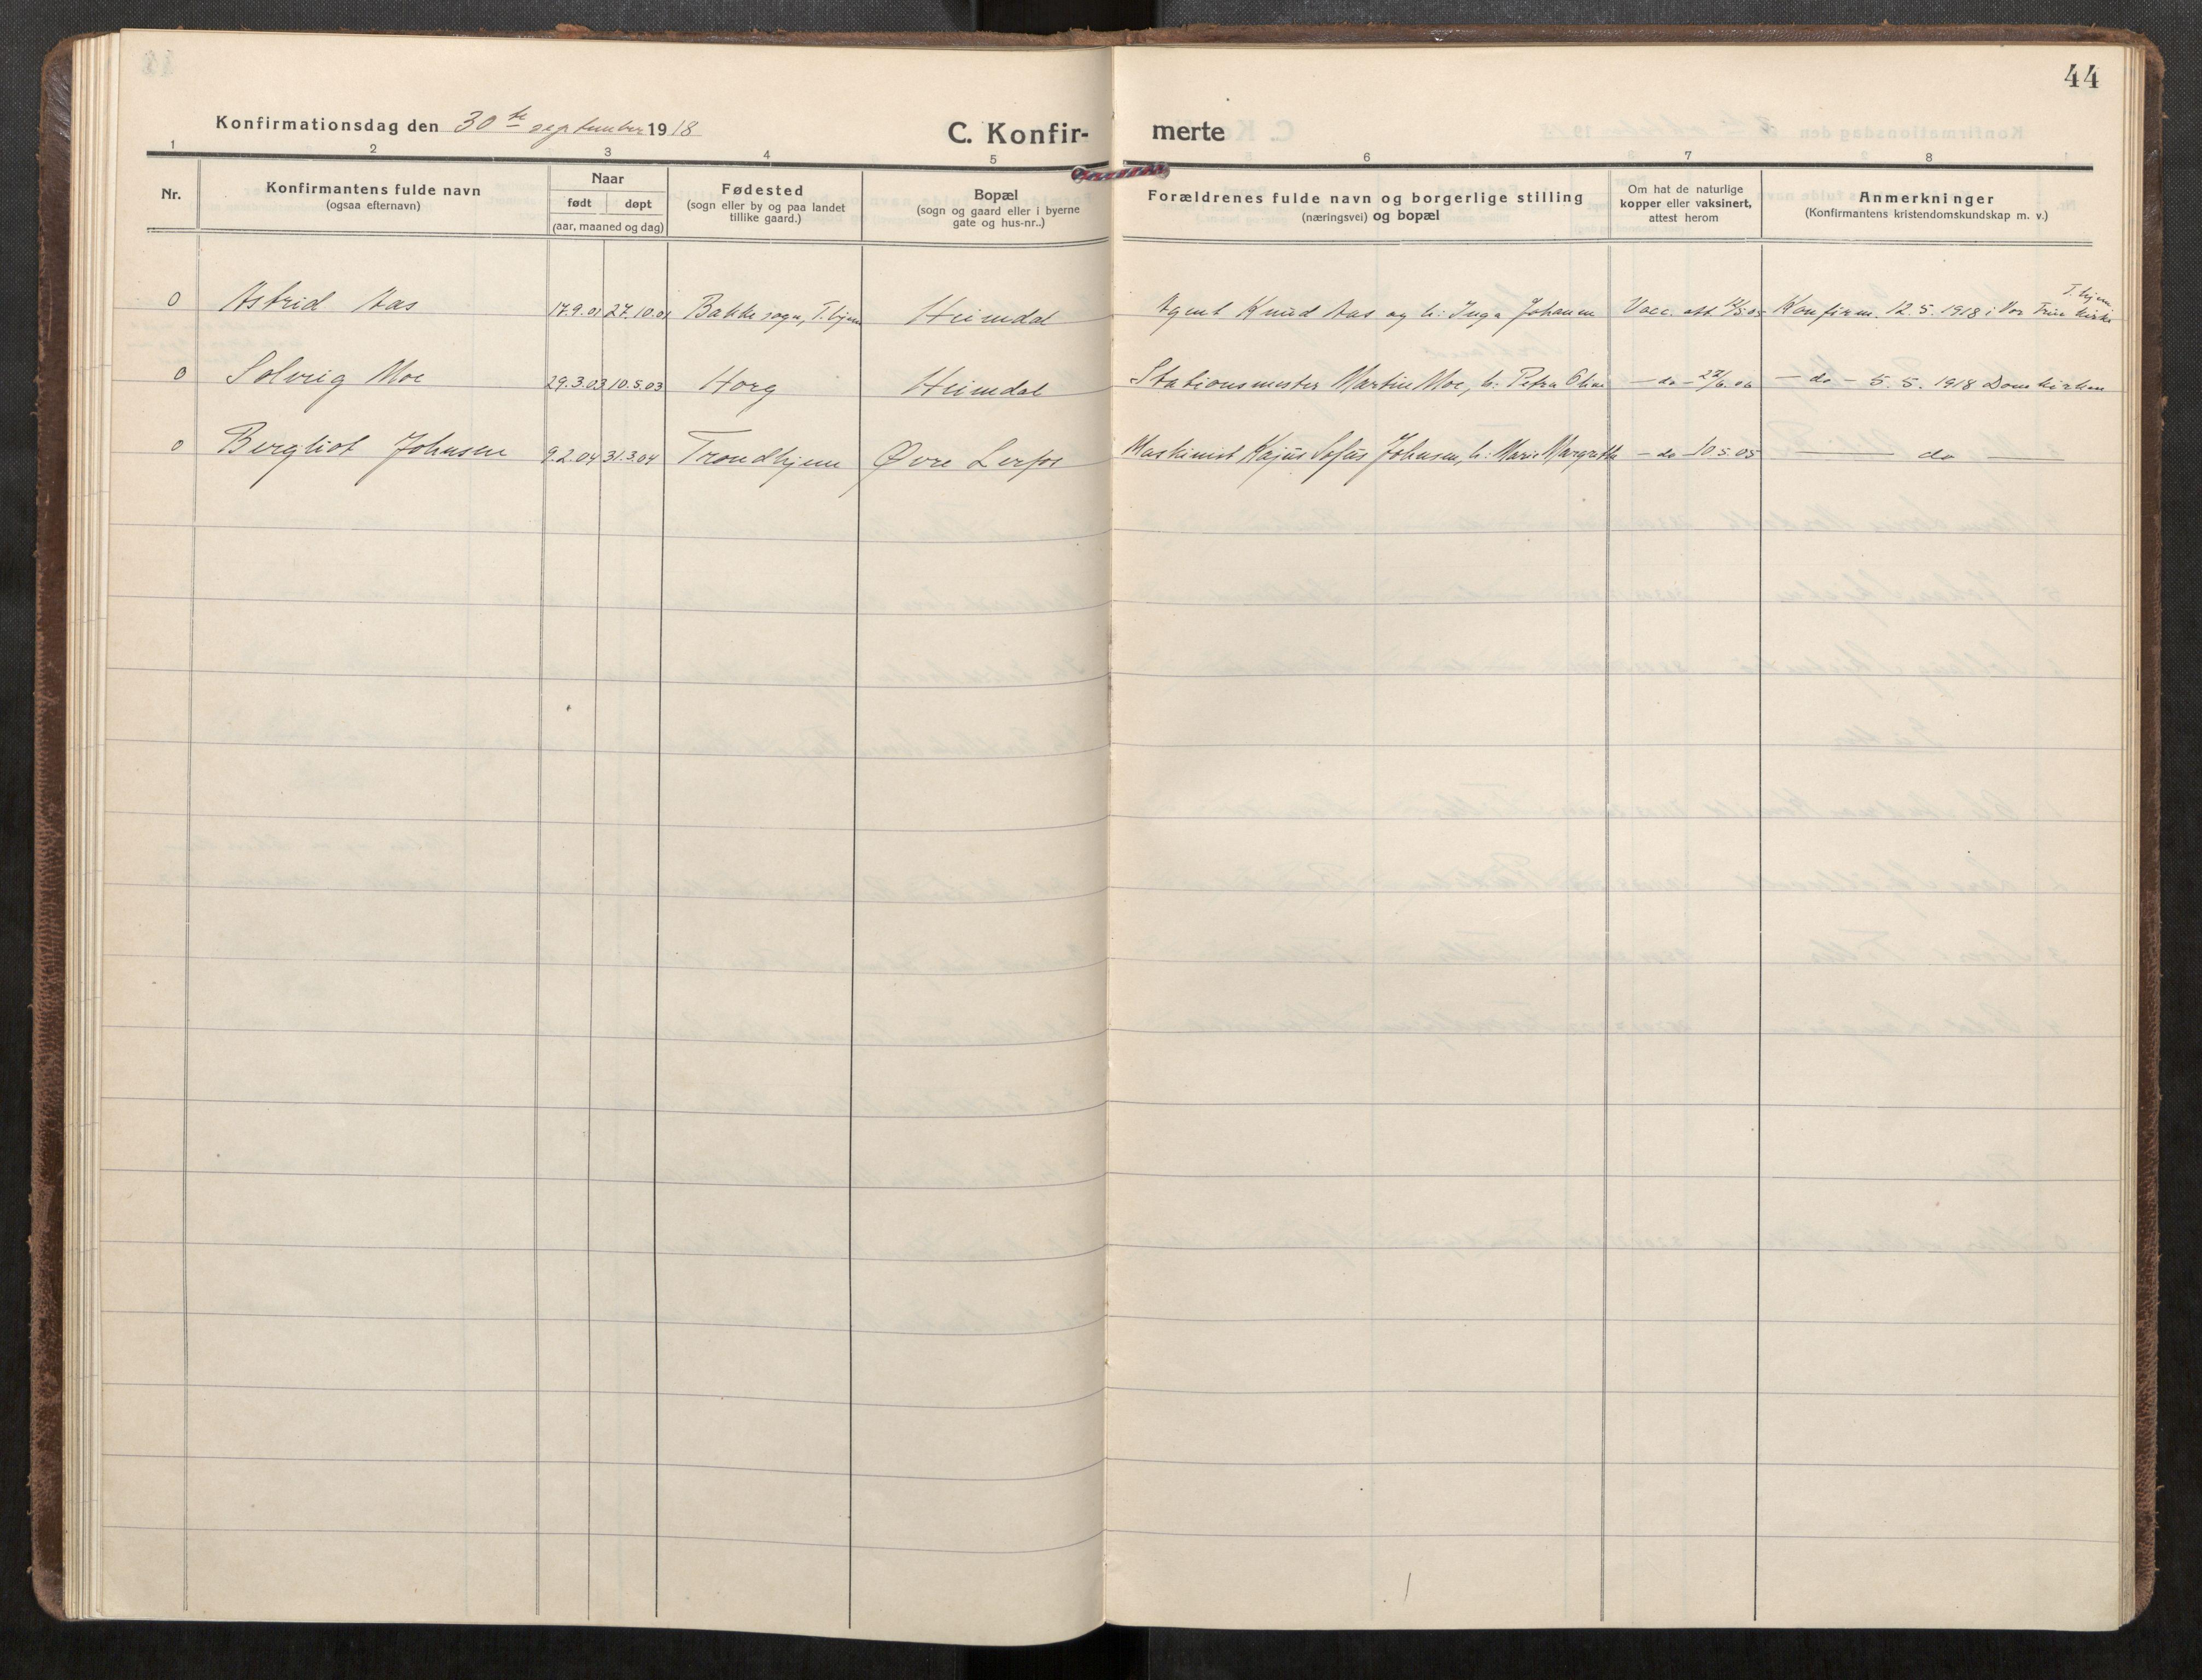 SAT, Klæbu sokneprestkontor, Parish register (official) no. 3, 1917-1924, p. 44